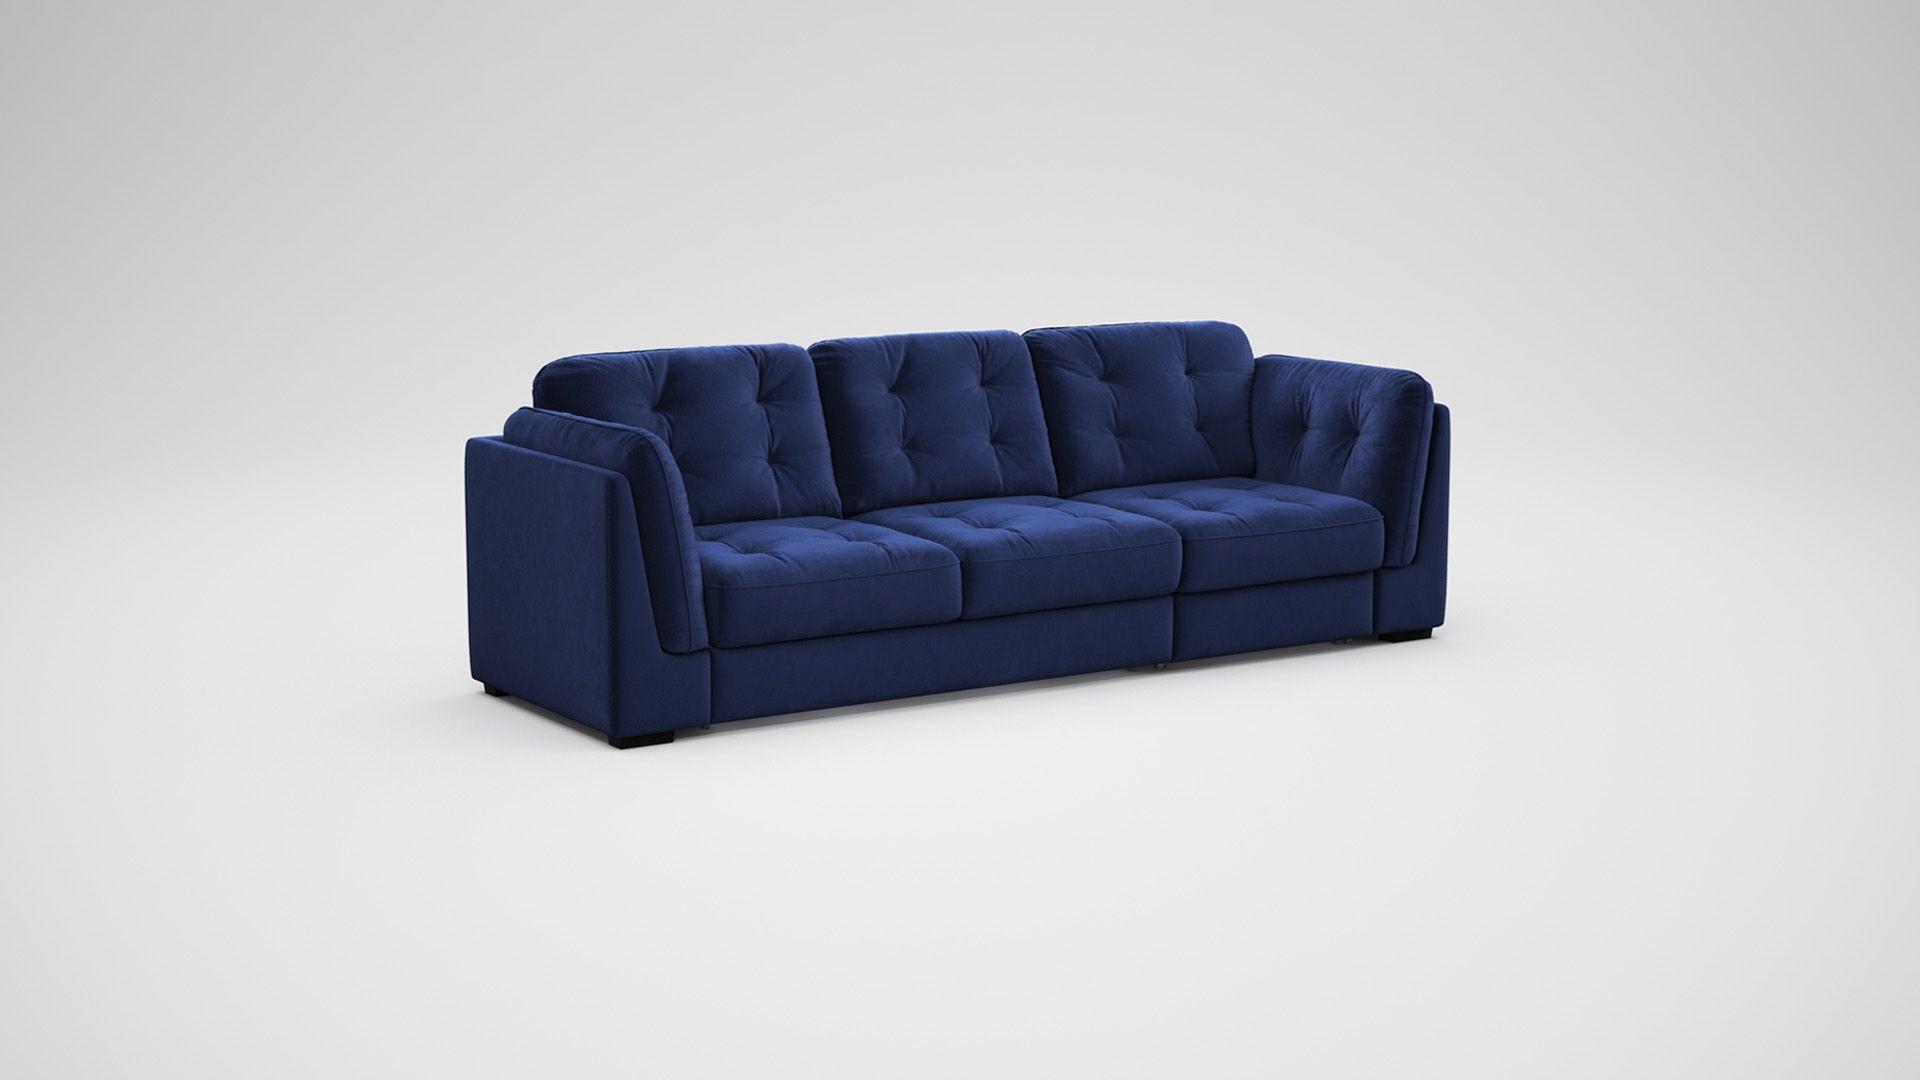 плавная раскладка дивана